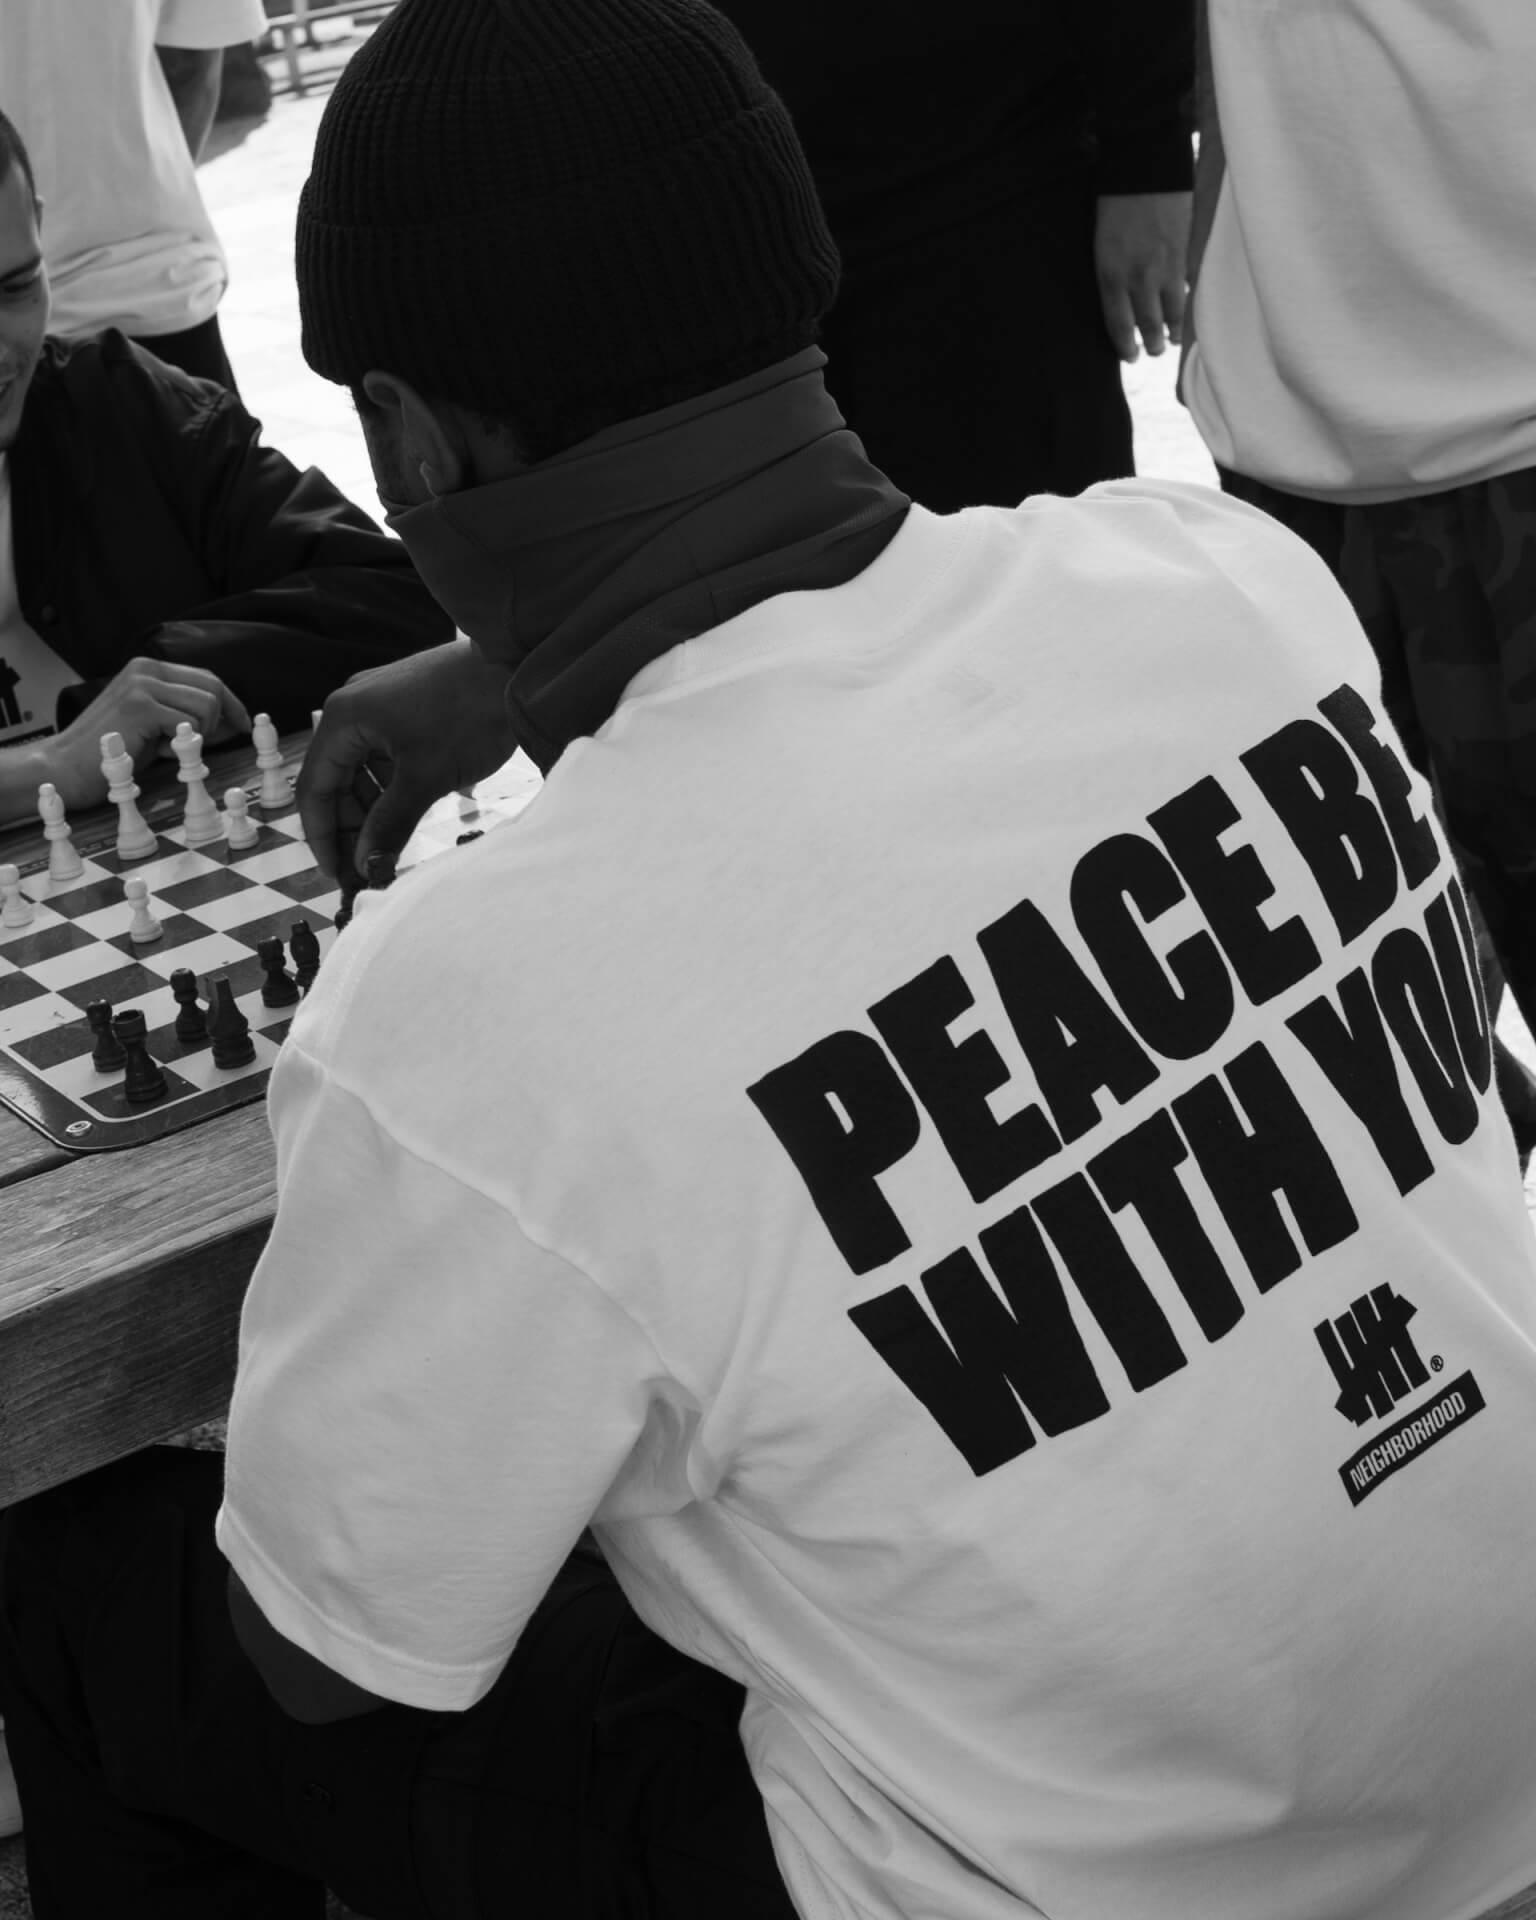 NEIGHBORHOODとUNDEFEATEDのコラボコレクションが今週リリース!社会問題をテーマにしたストリートウェアがラインナップ life210216_neighborhood_undefeted_2